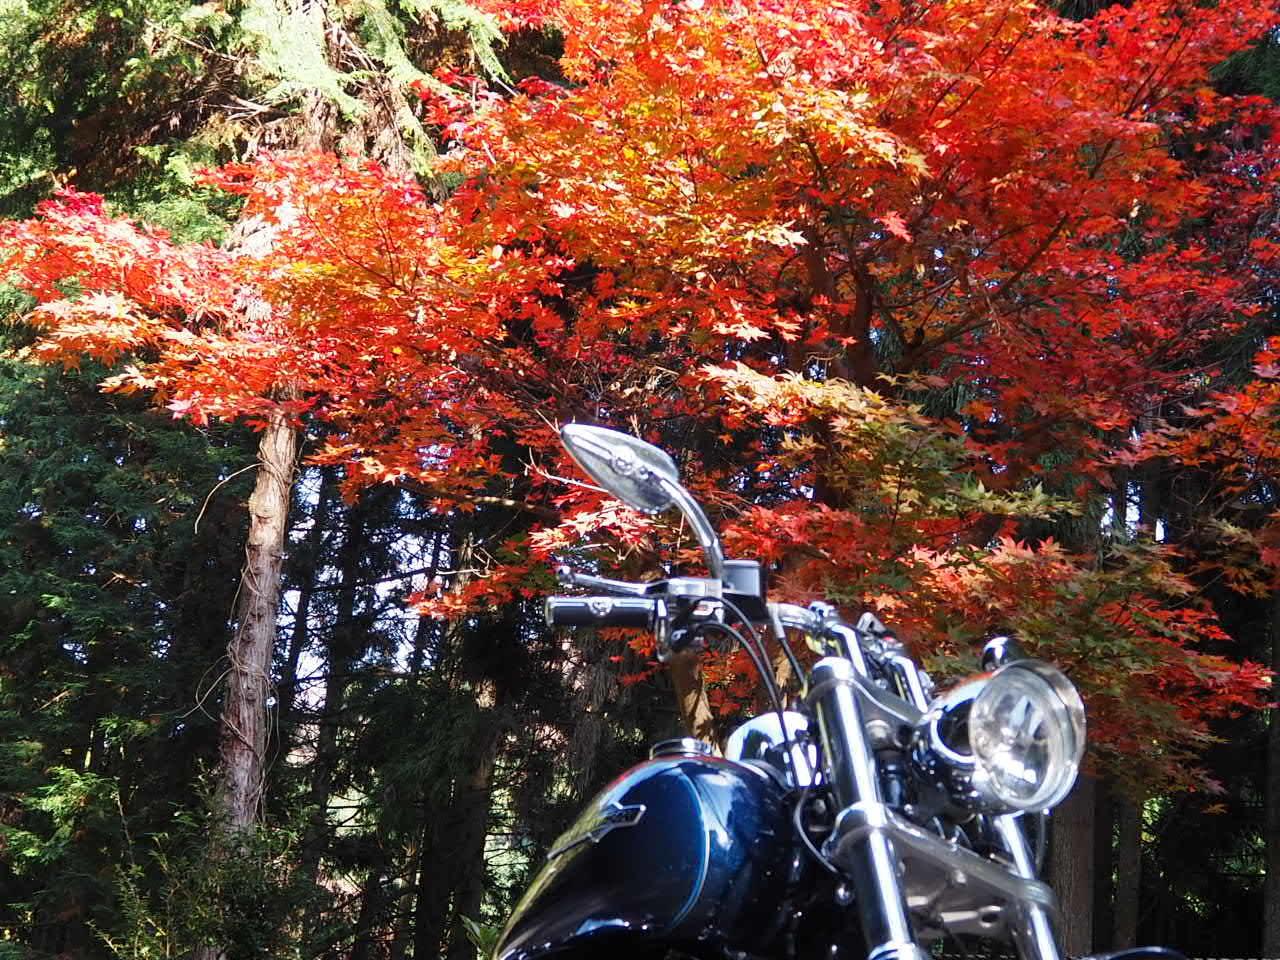 ぴーきち&ダイナ 布目ダムツーリング 布目湖の紅葉